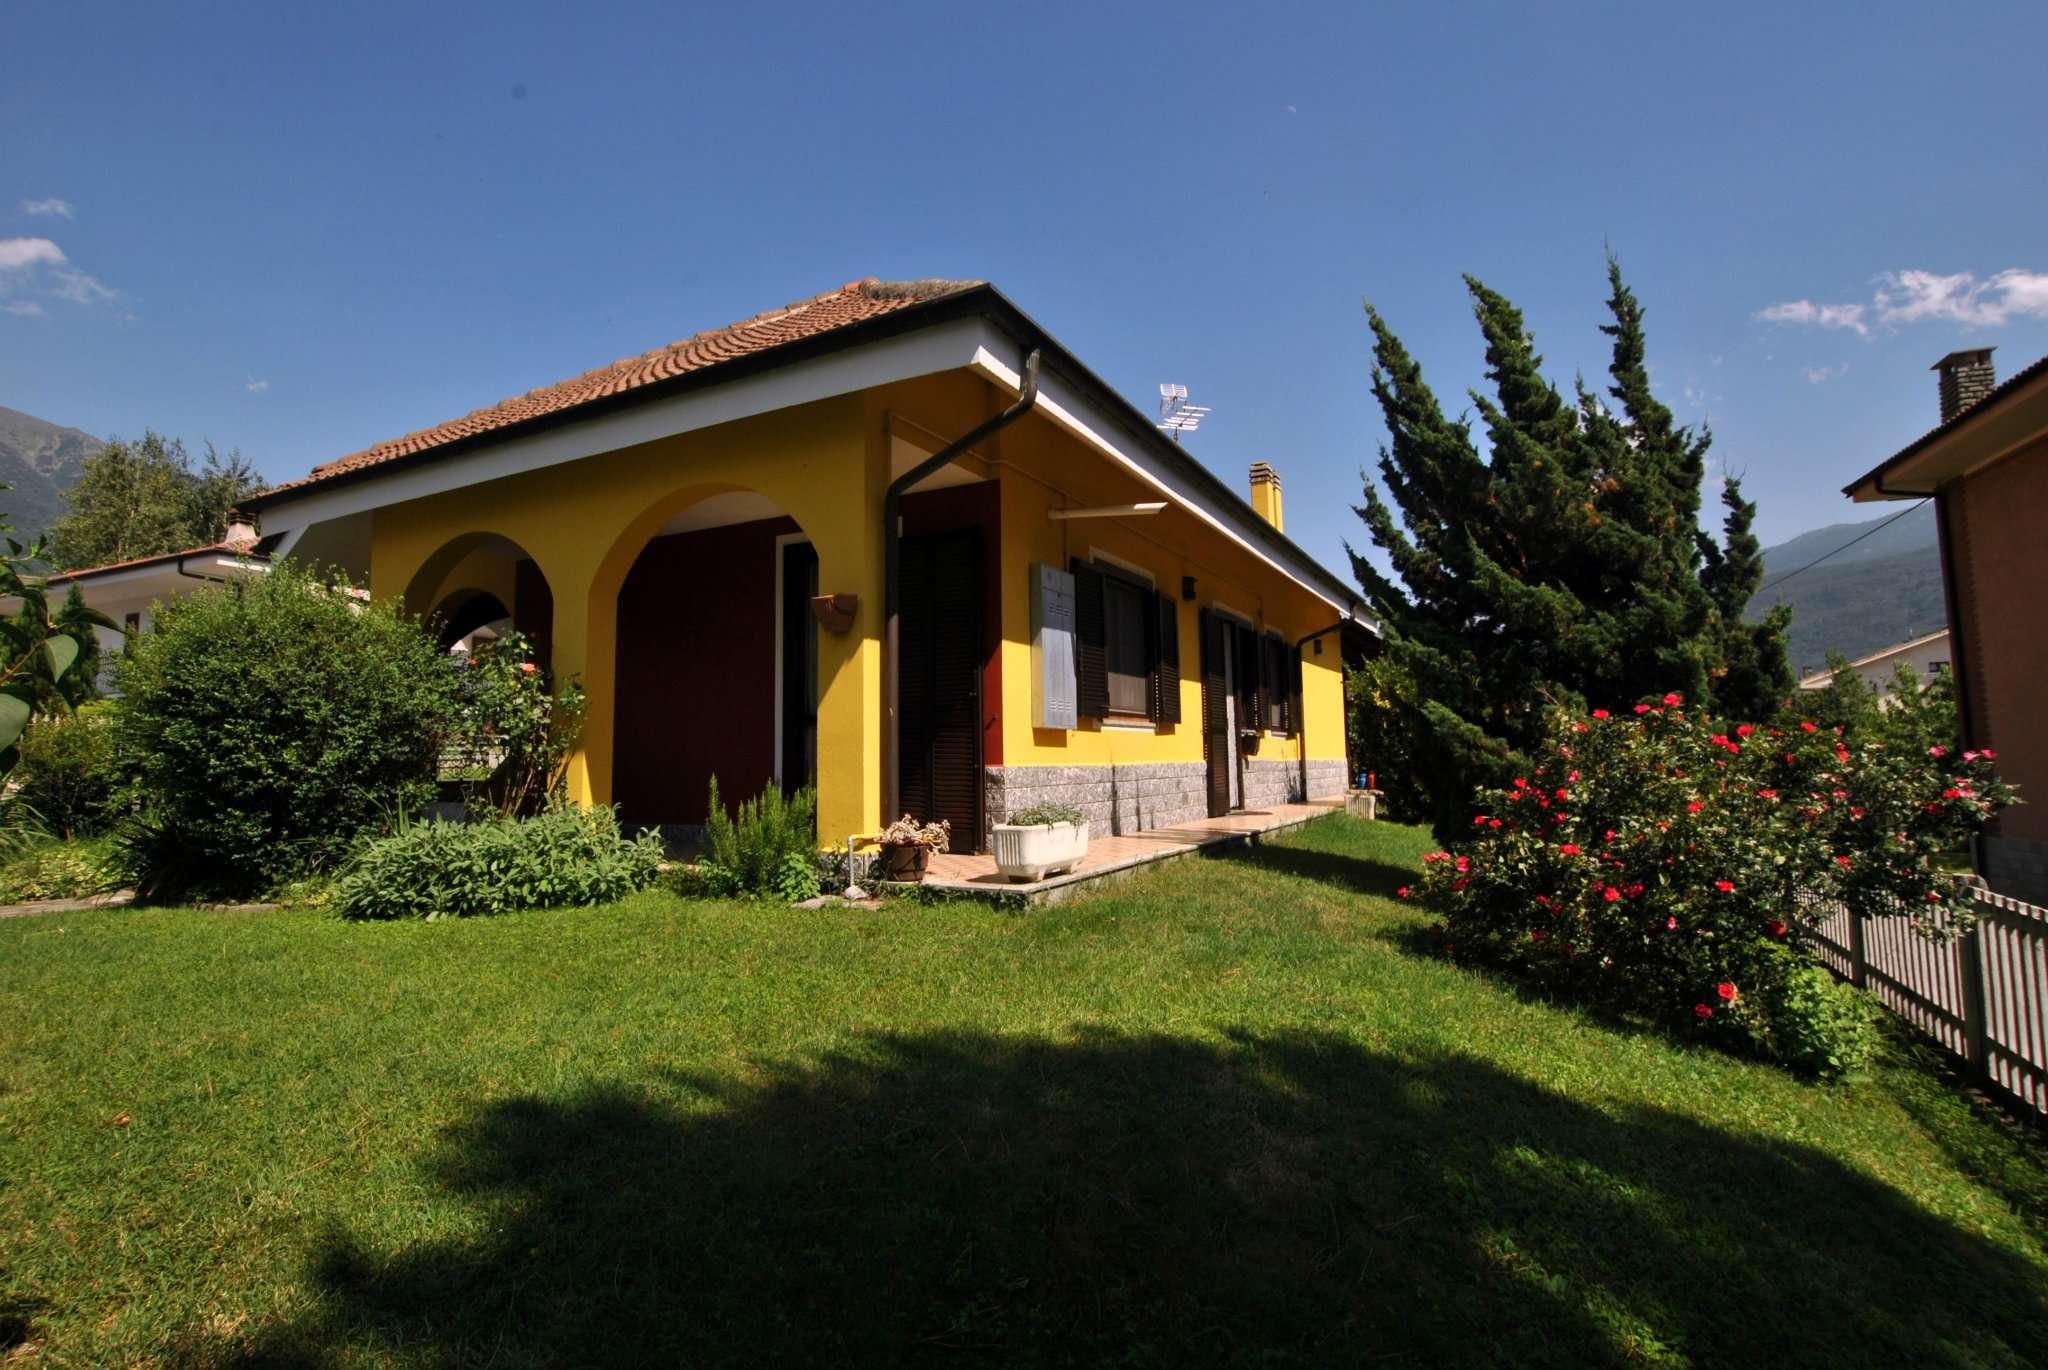 Villa in vendita a Chianocco, 5 locali, prezzo € 280.000 | PortaleAgenzieImmobiliari.it